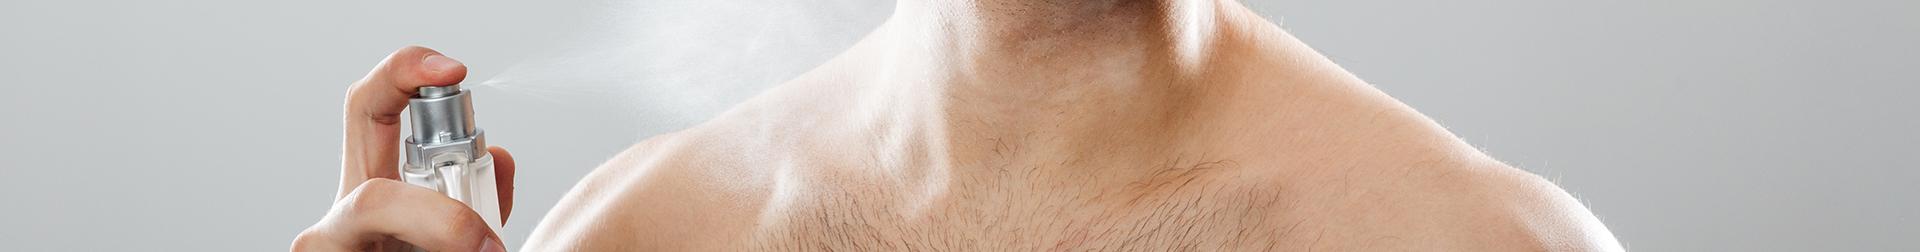 Body Sprays & Mists   Buy Best Body Sprays & Mists For Men and Women   Aromacraze.com